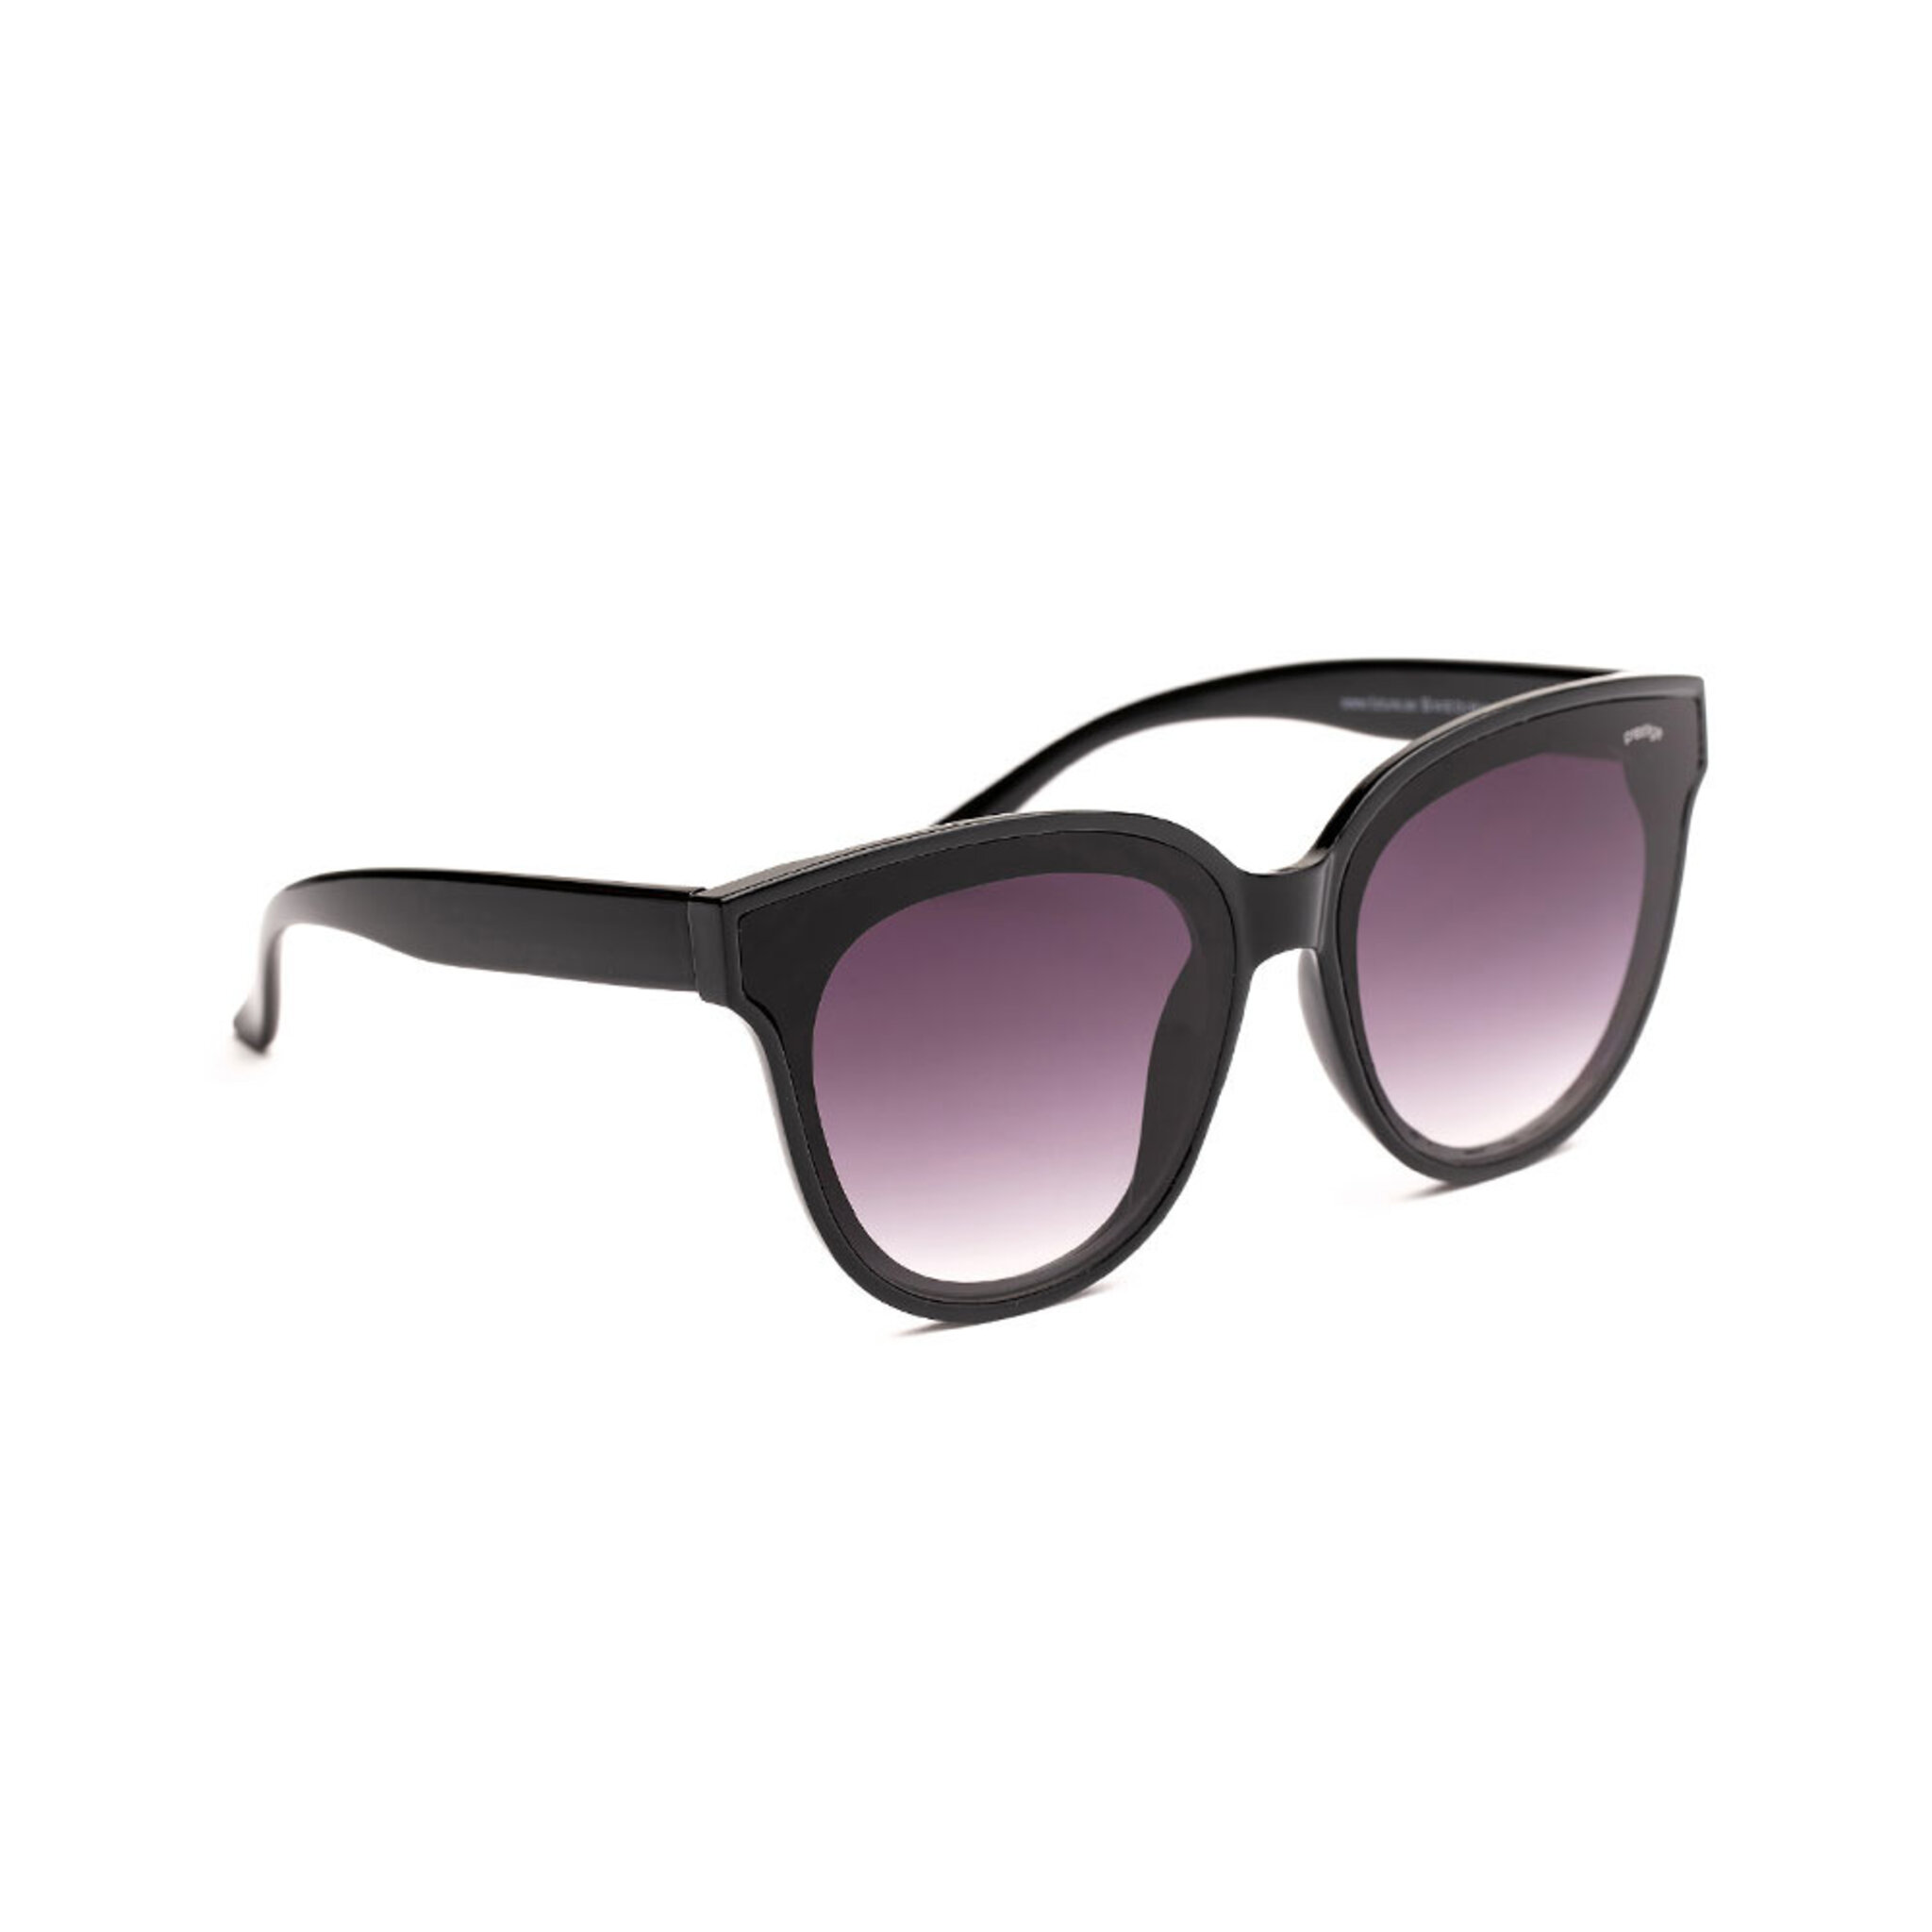 Sonya solglasögon, ONE SIZE